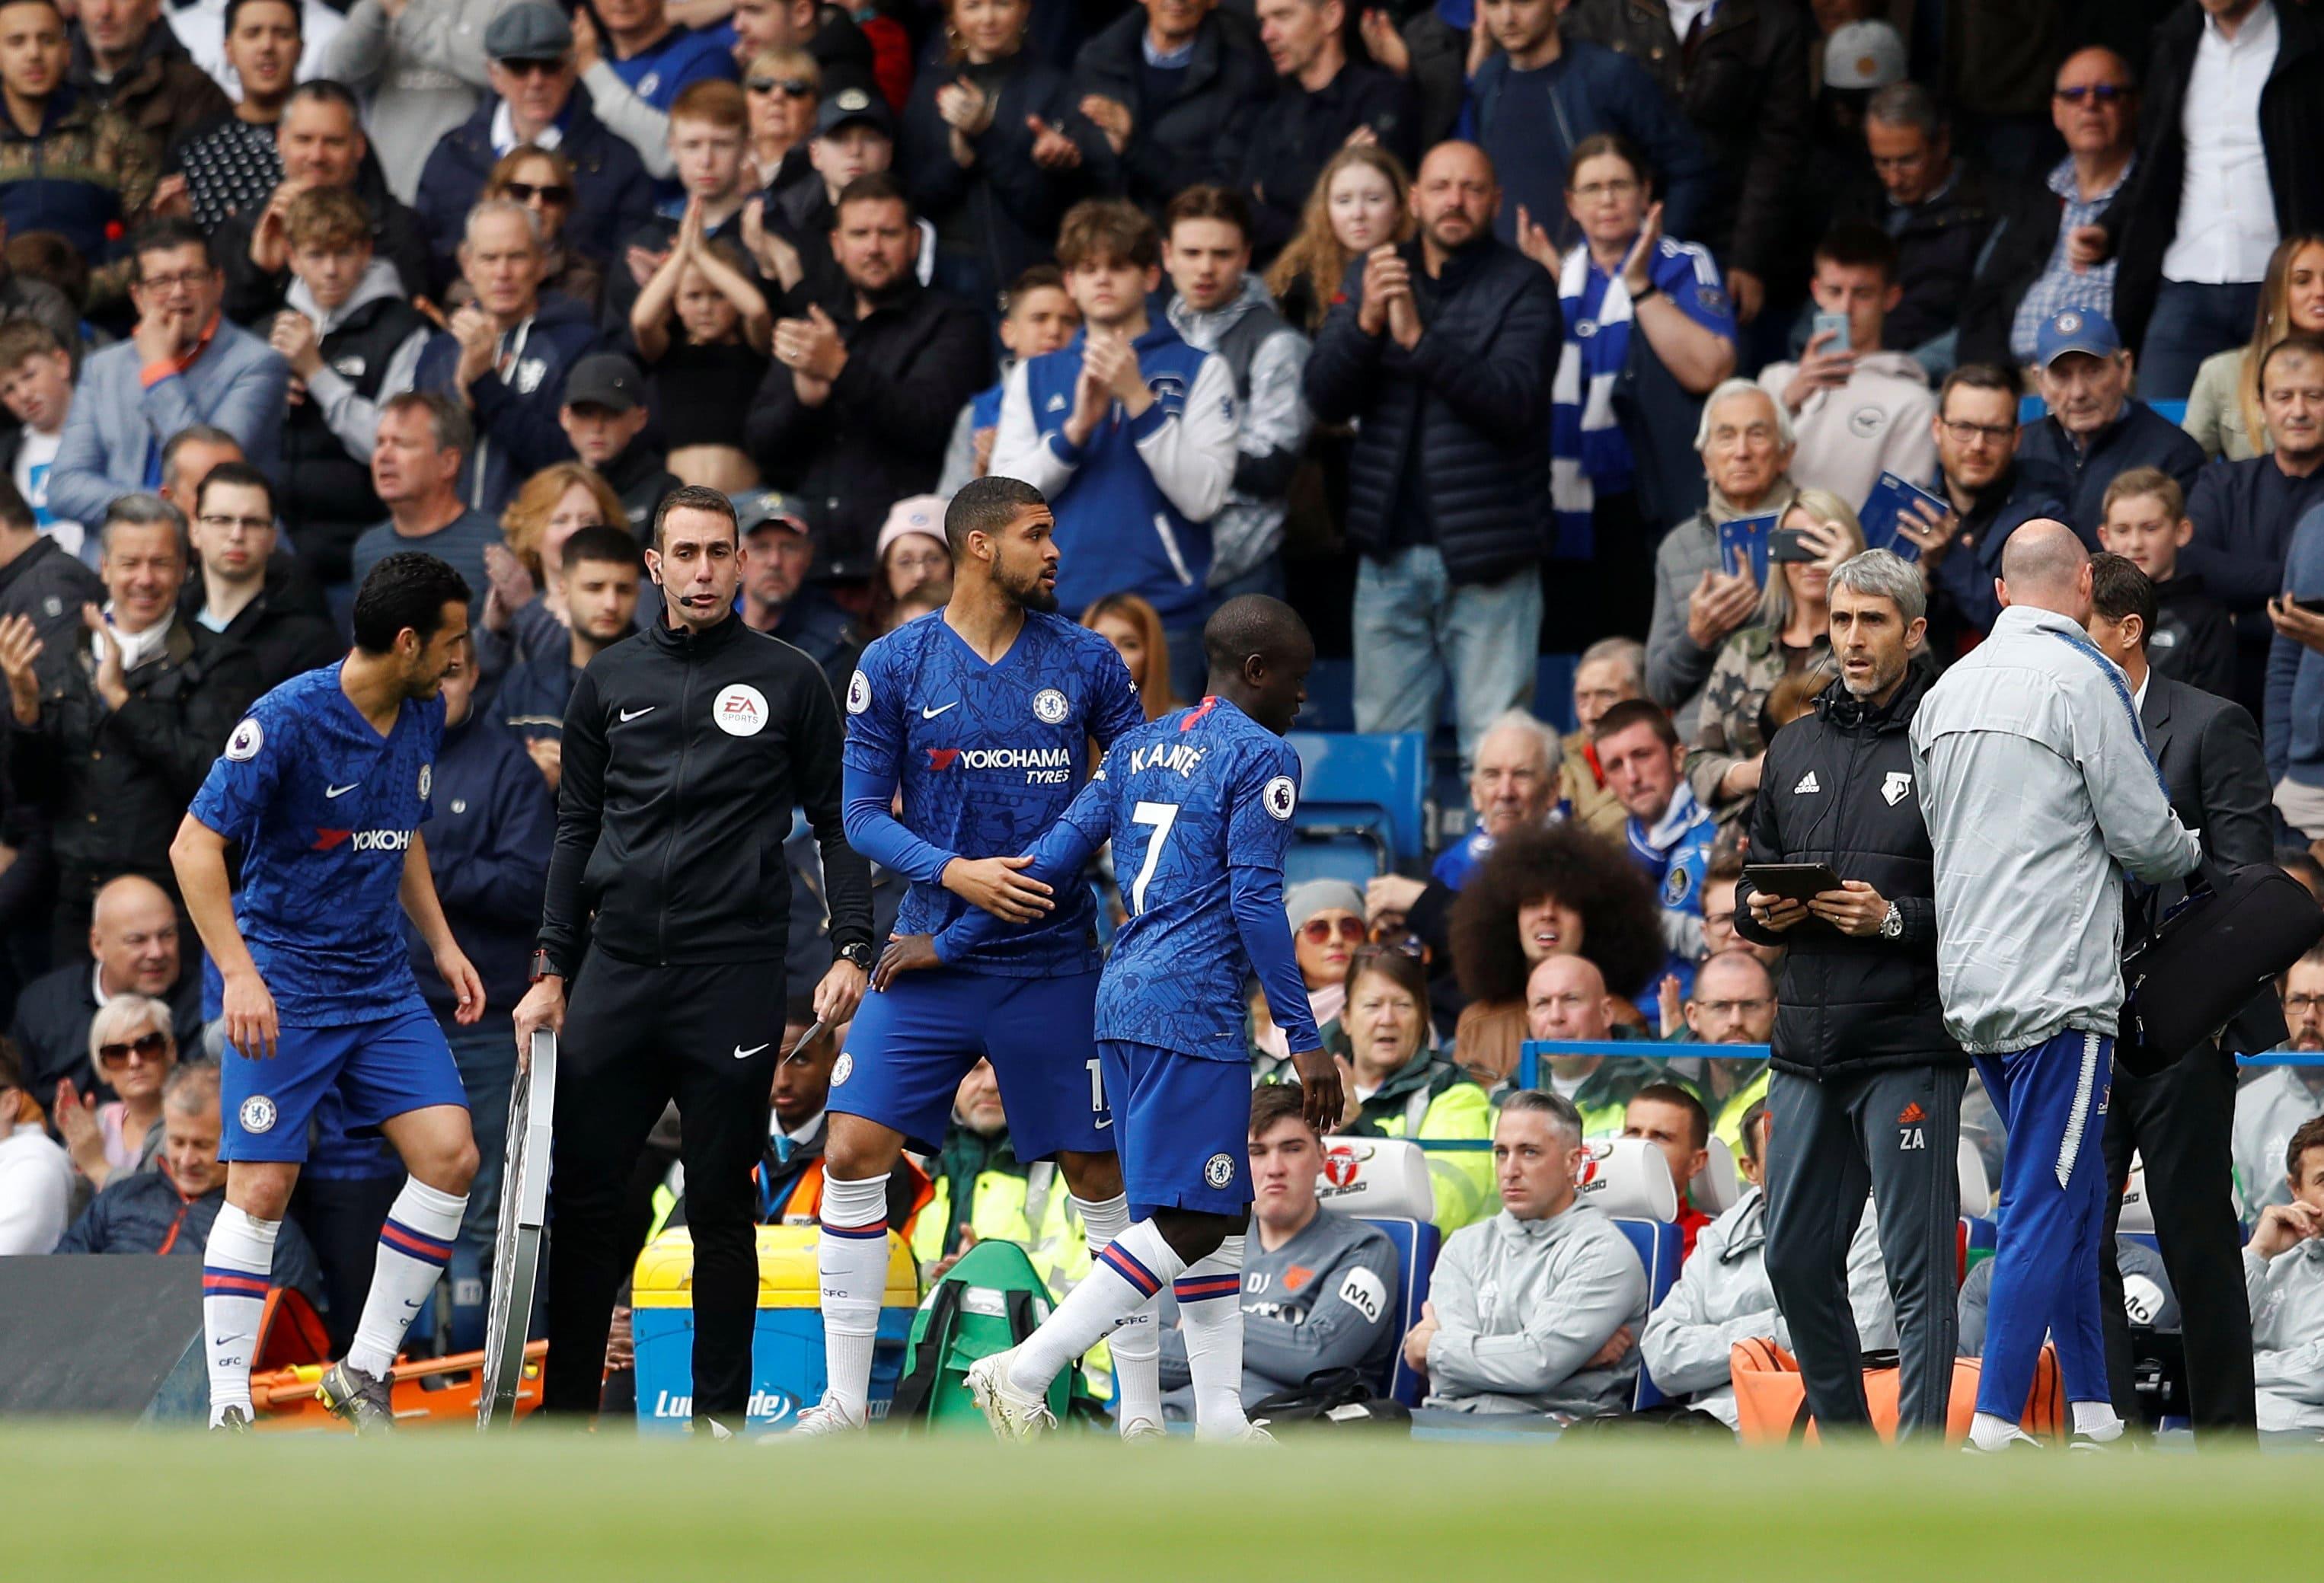 Piłkarz Chelsea przestał trenować. Ma obawy w związku ze wznowieniem rozgrywek!